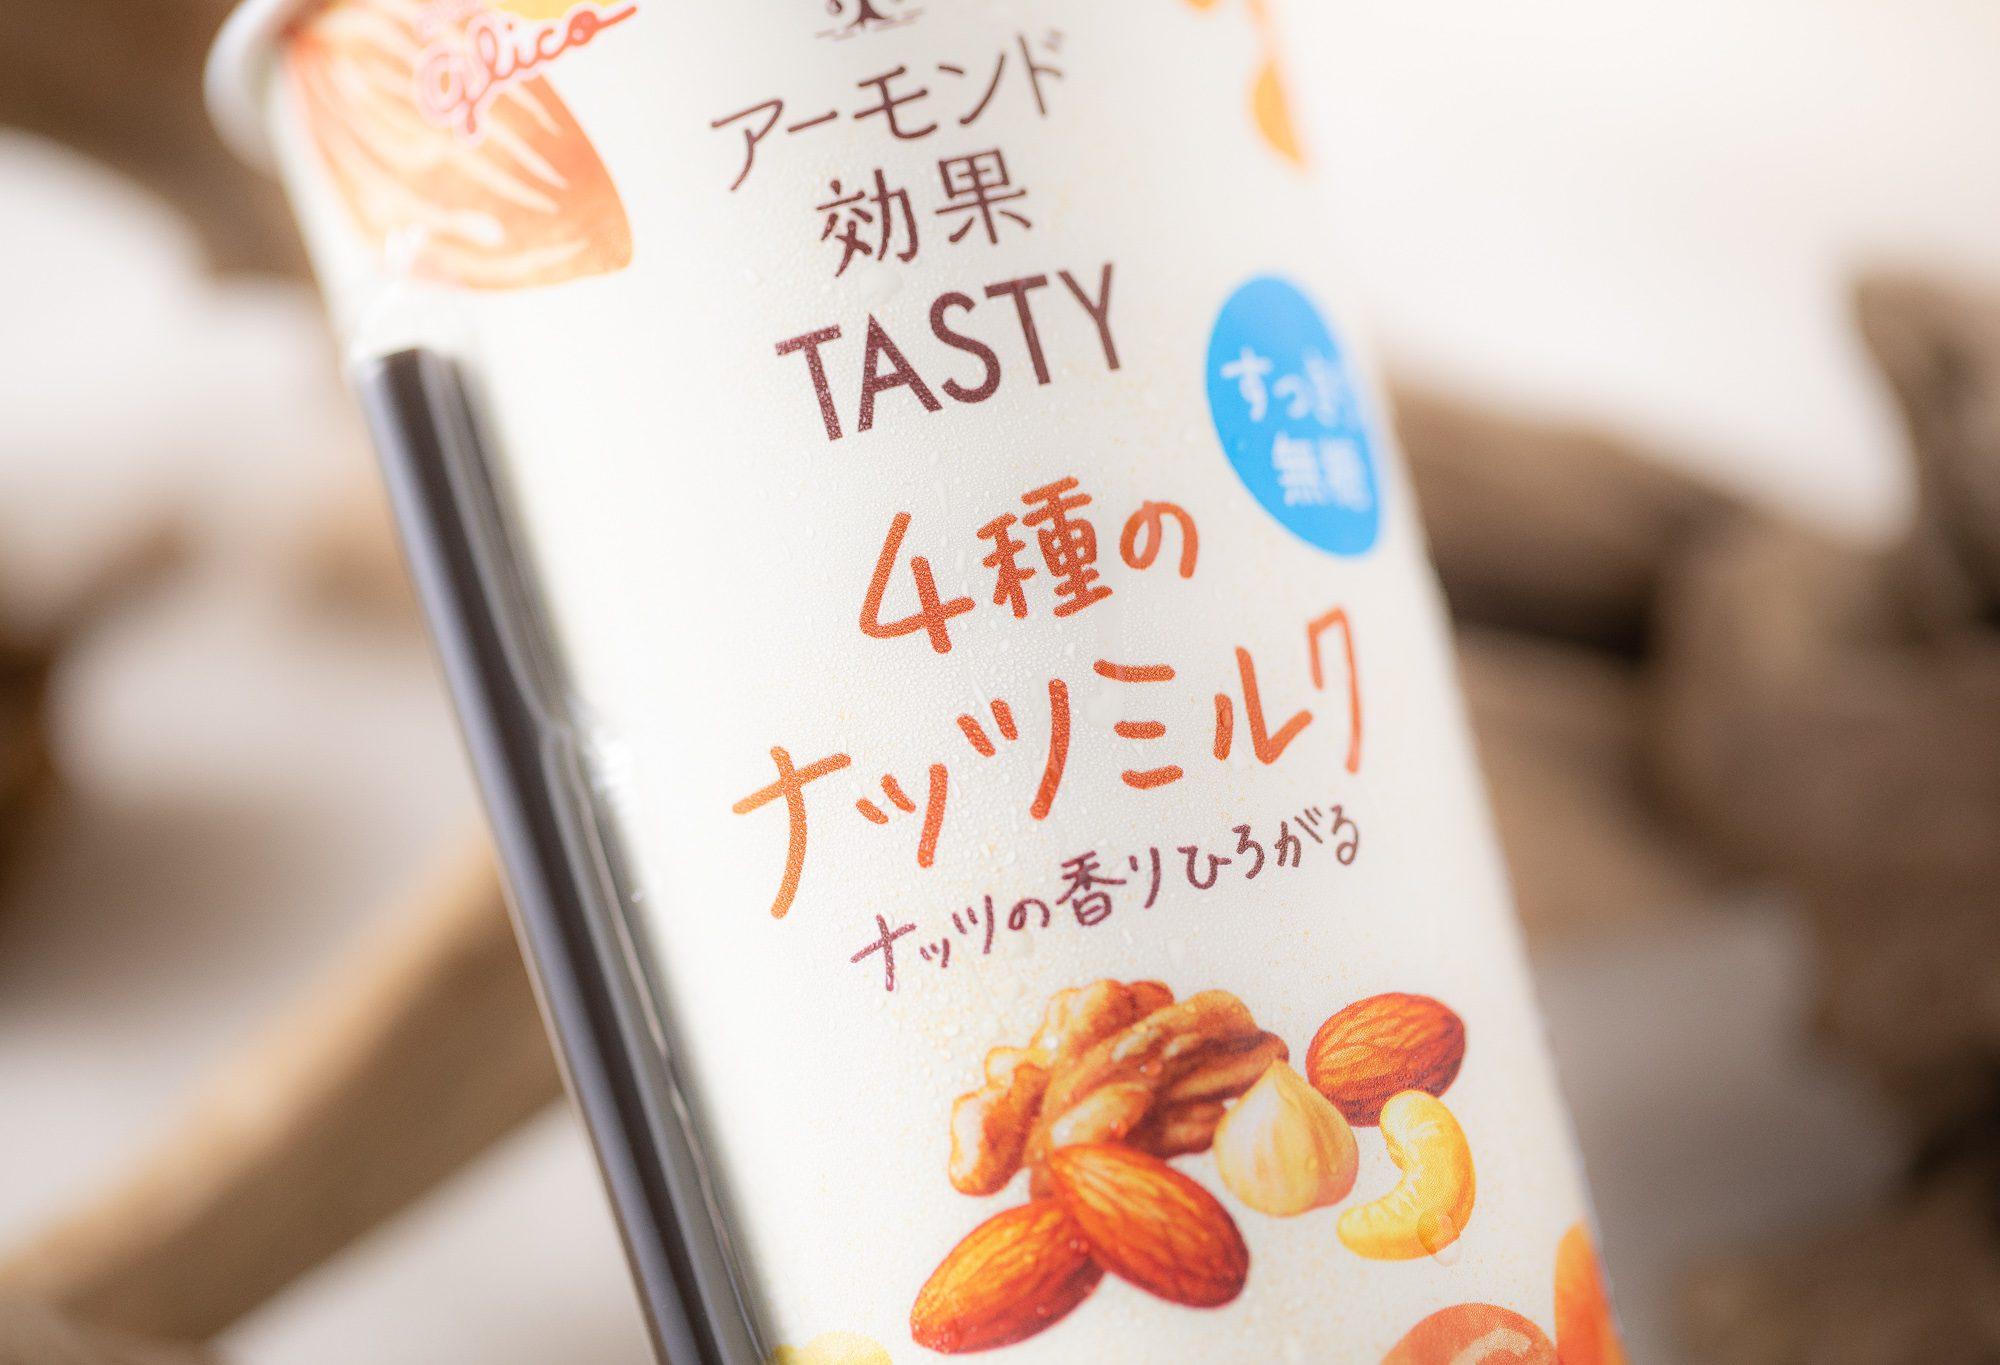 グリコ『アーモンド効果TASTY 4種のナッツミルク 220ml』は無糖でスッキリしながらもナッツがガツンと香るコク旨アーモンドミルク◎